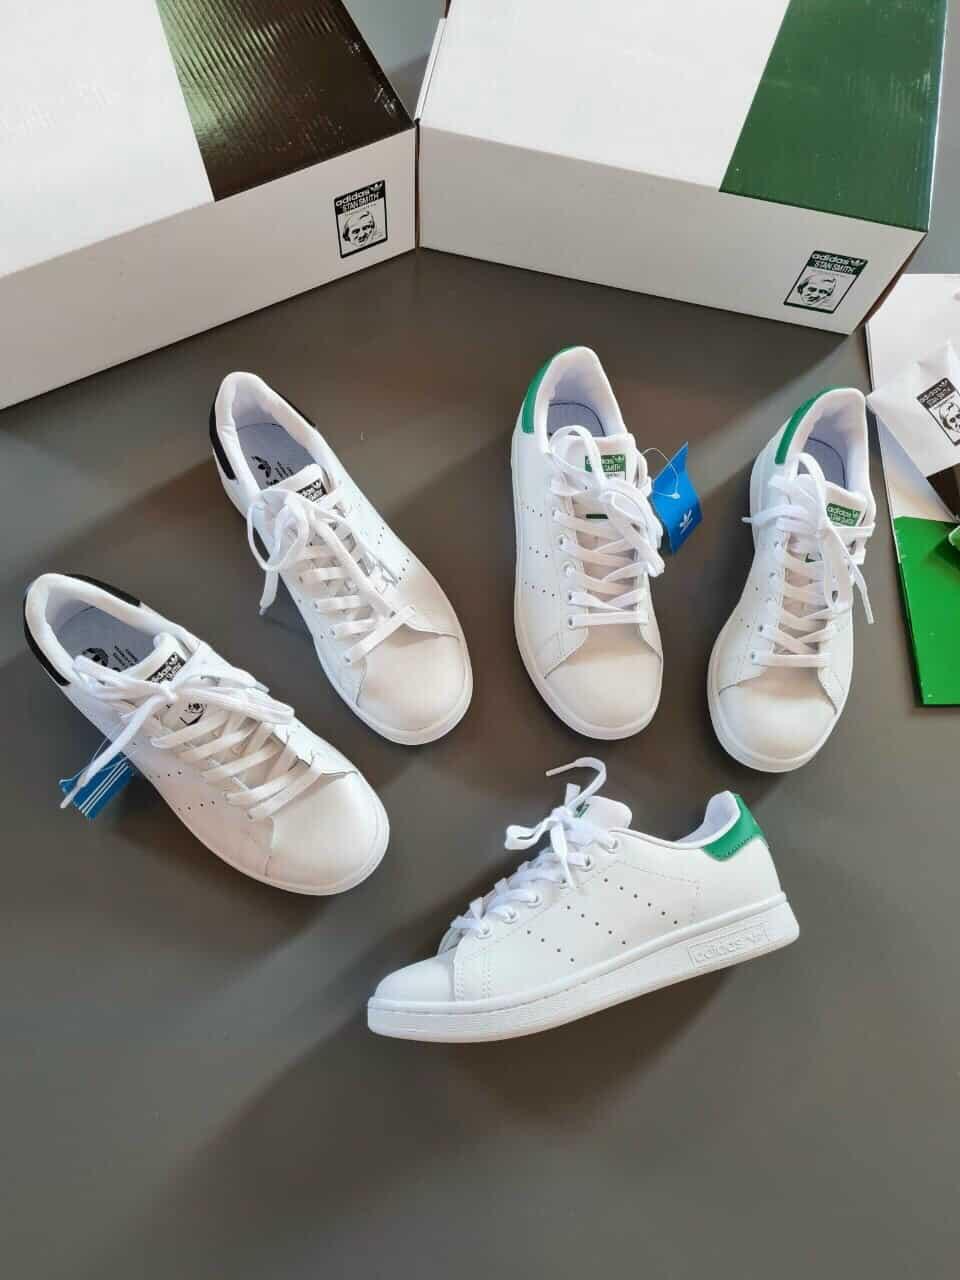 Các sản phẩm giày tại BT Sneaker được giới trẻ vô cùng săn đón